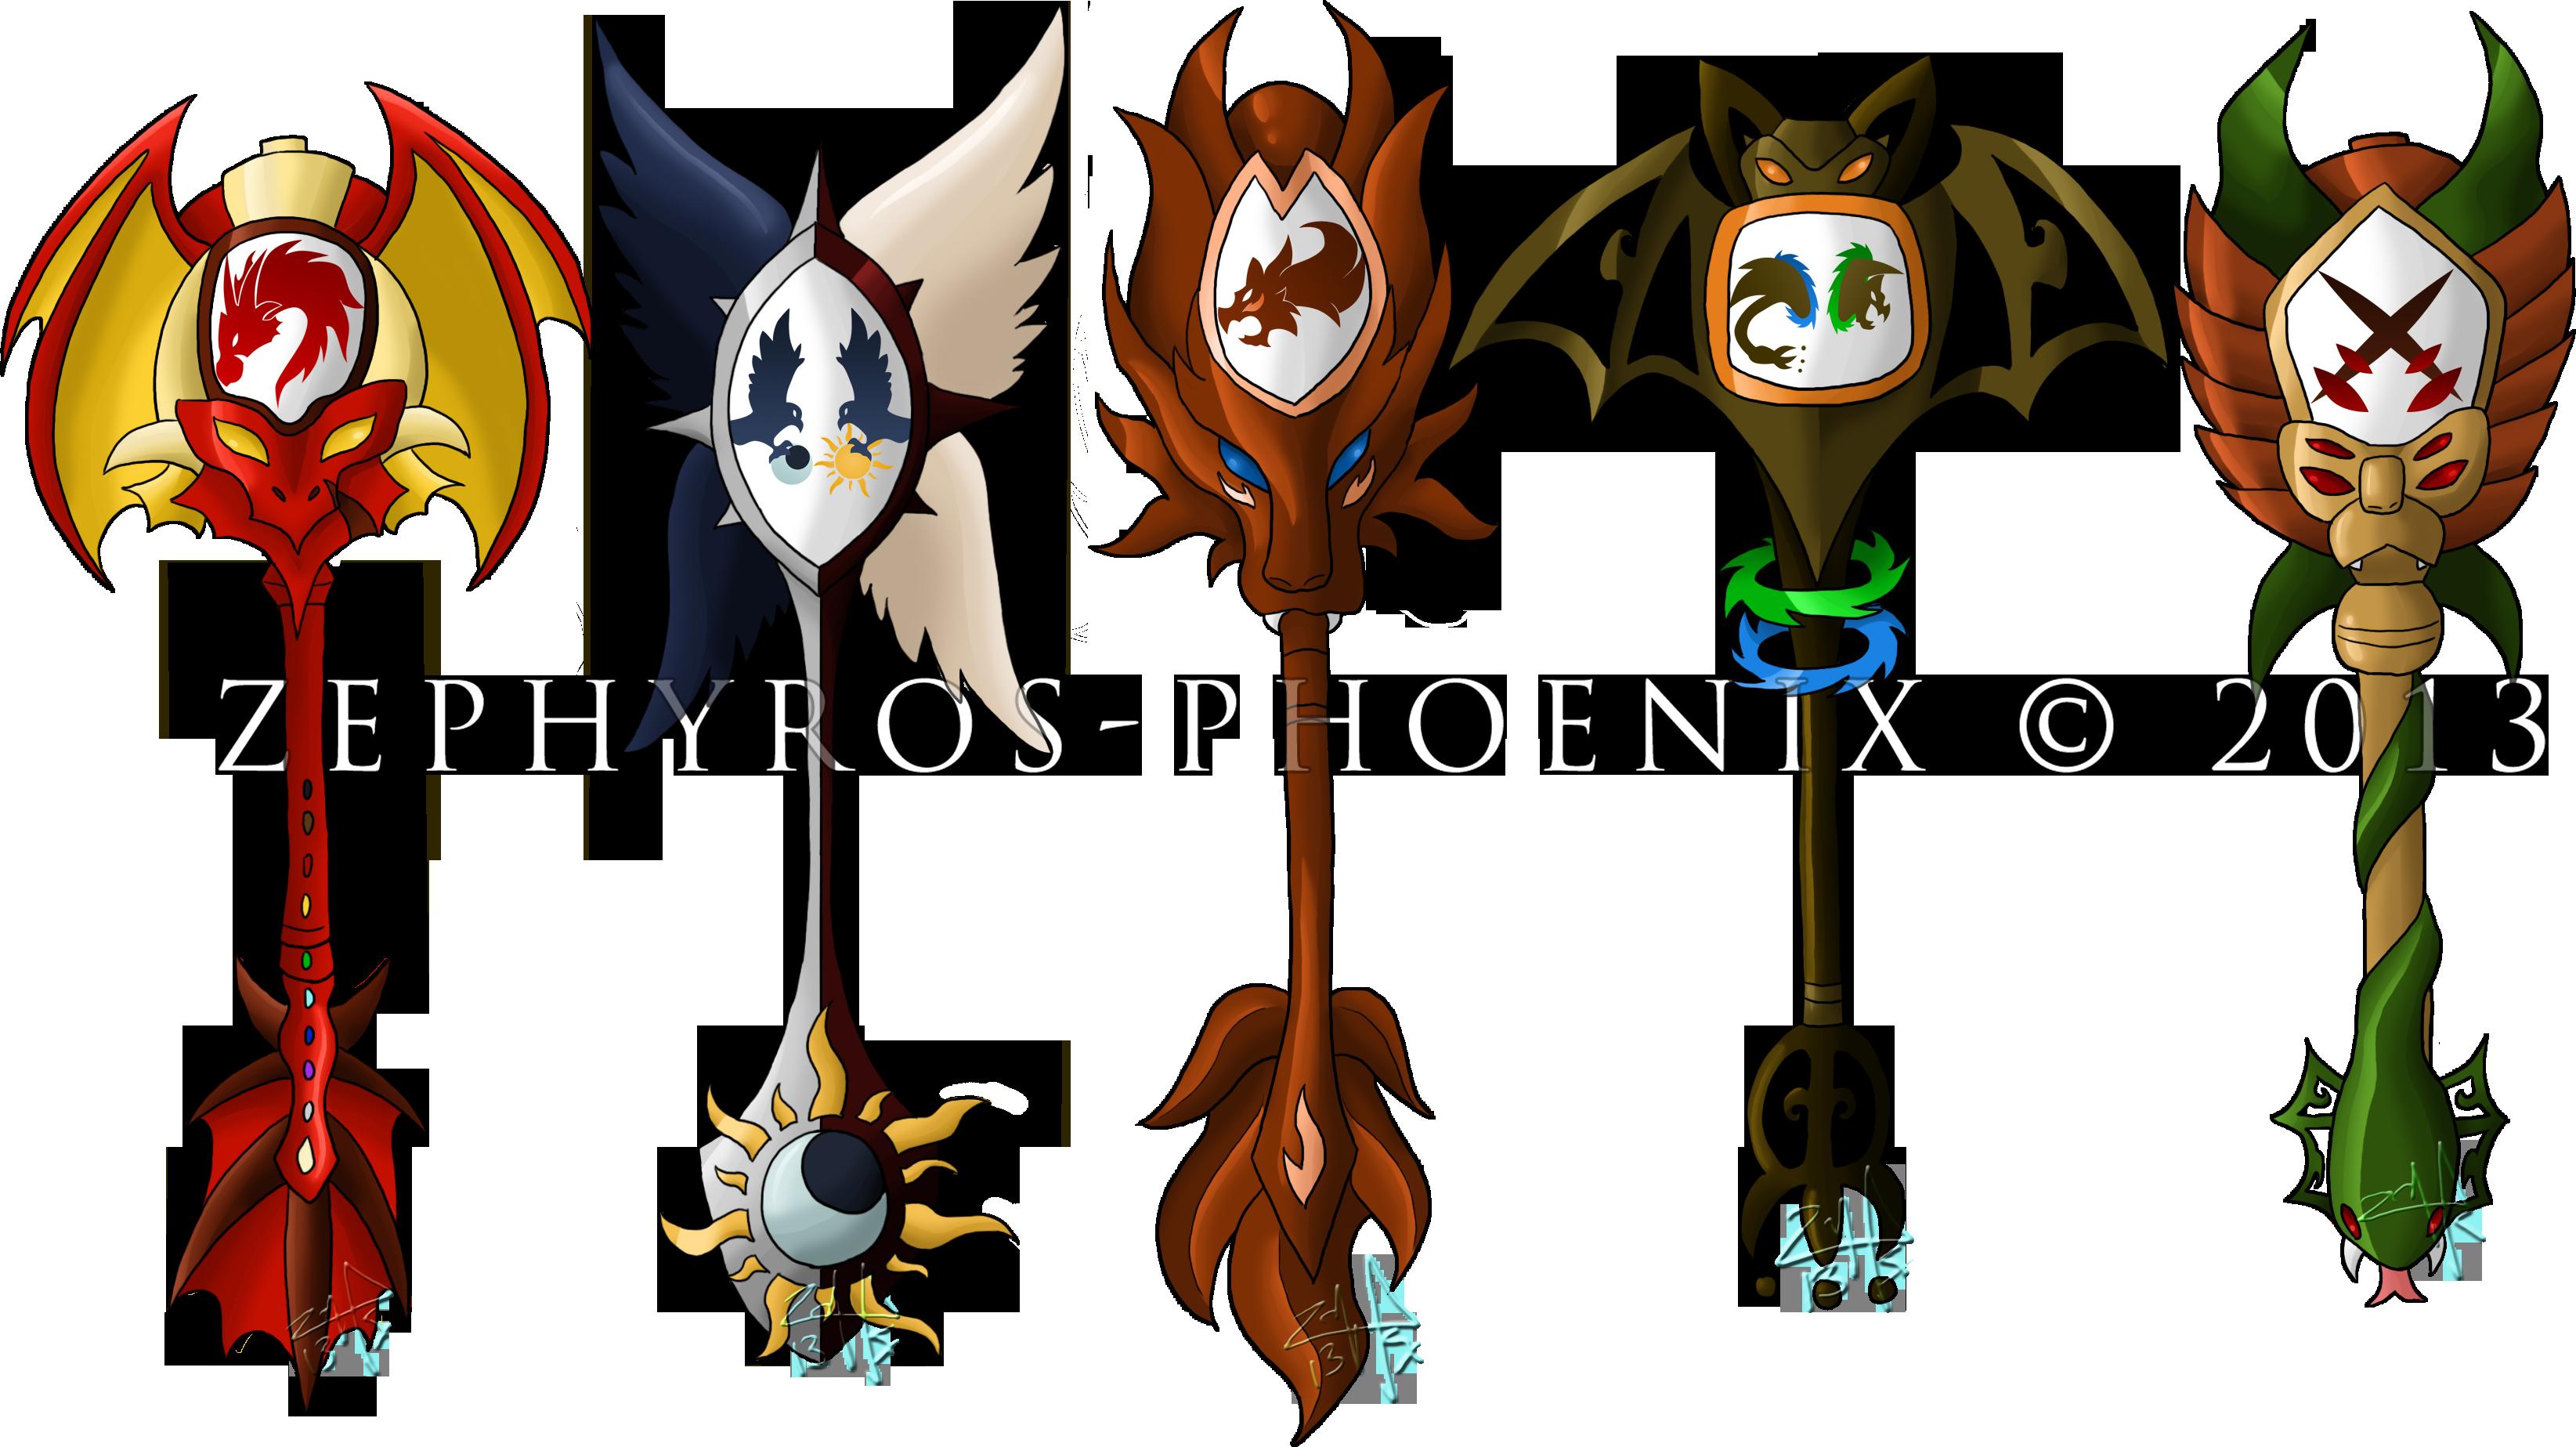 ashford vs pheonix